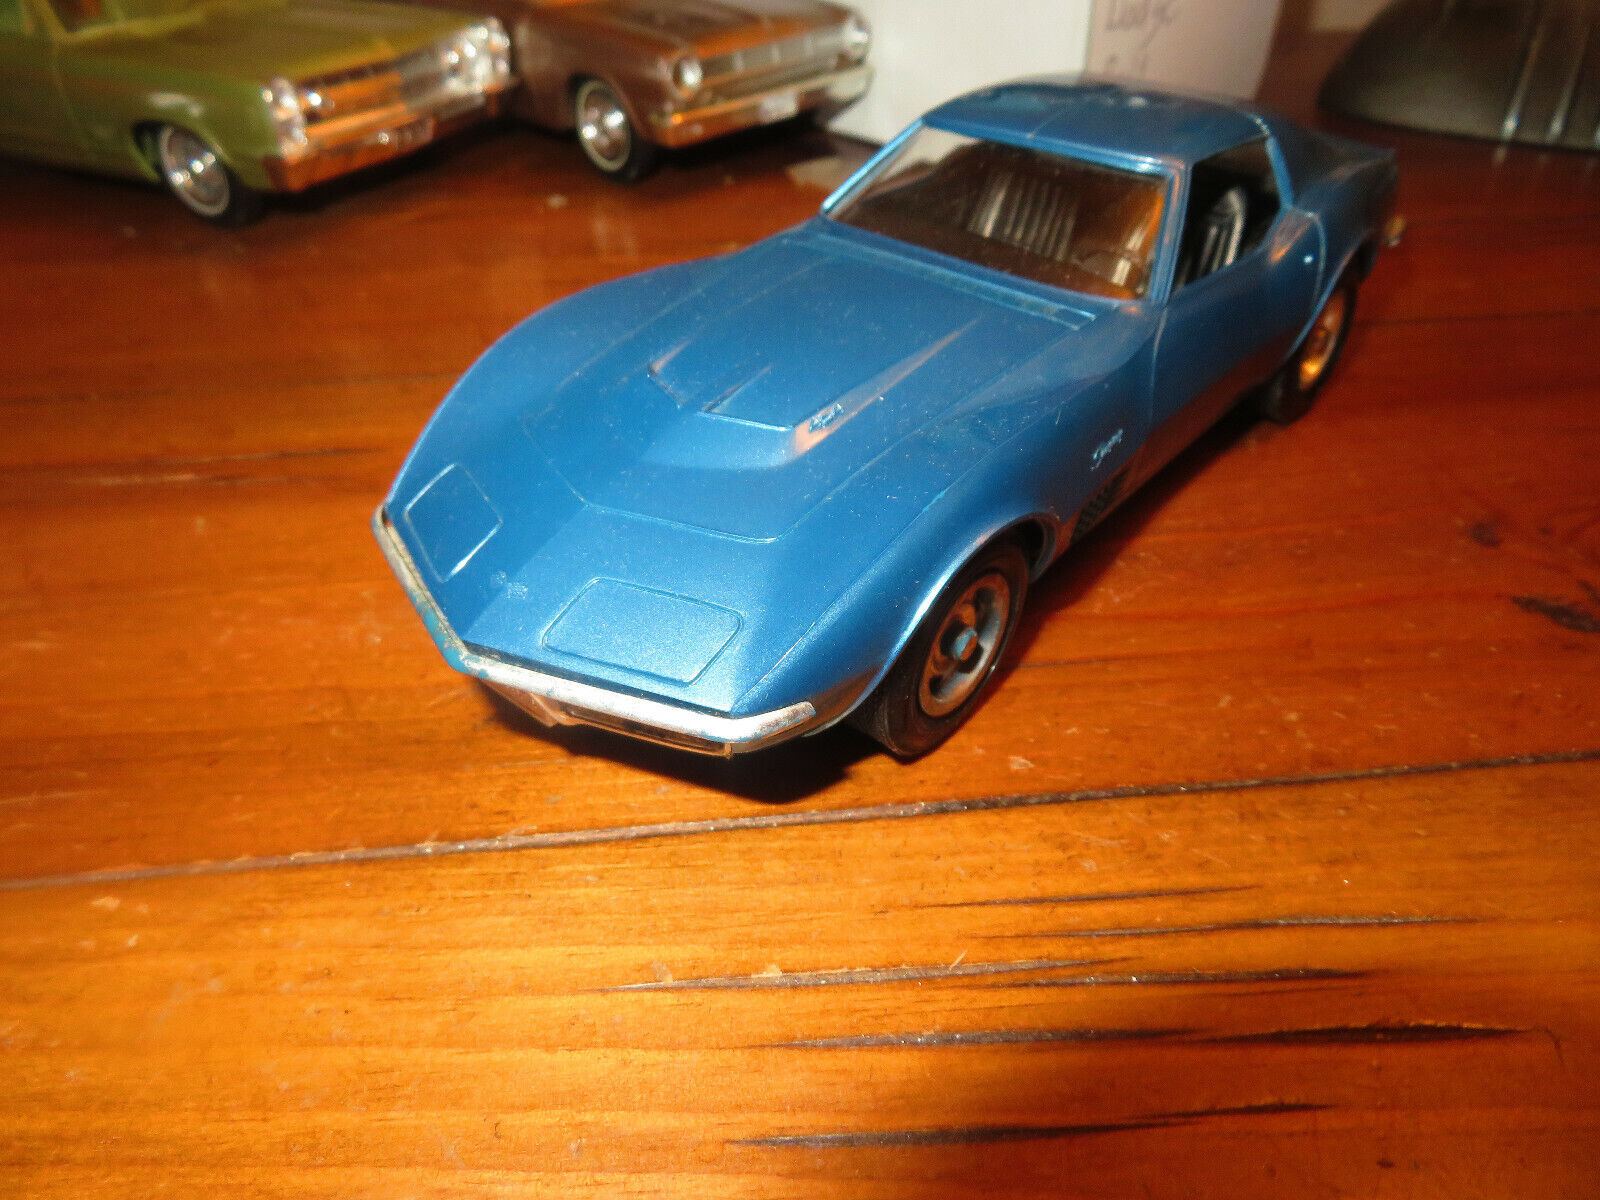 Original 1970 Chevy Corvette Promo